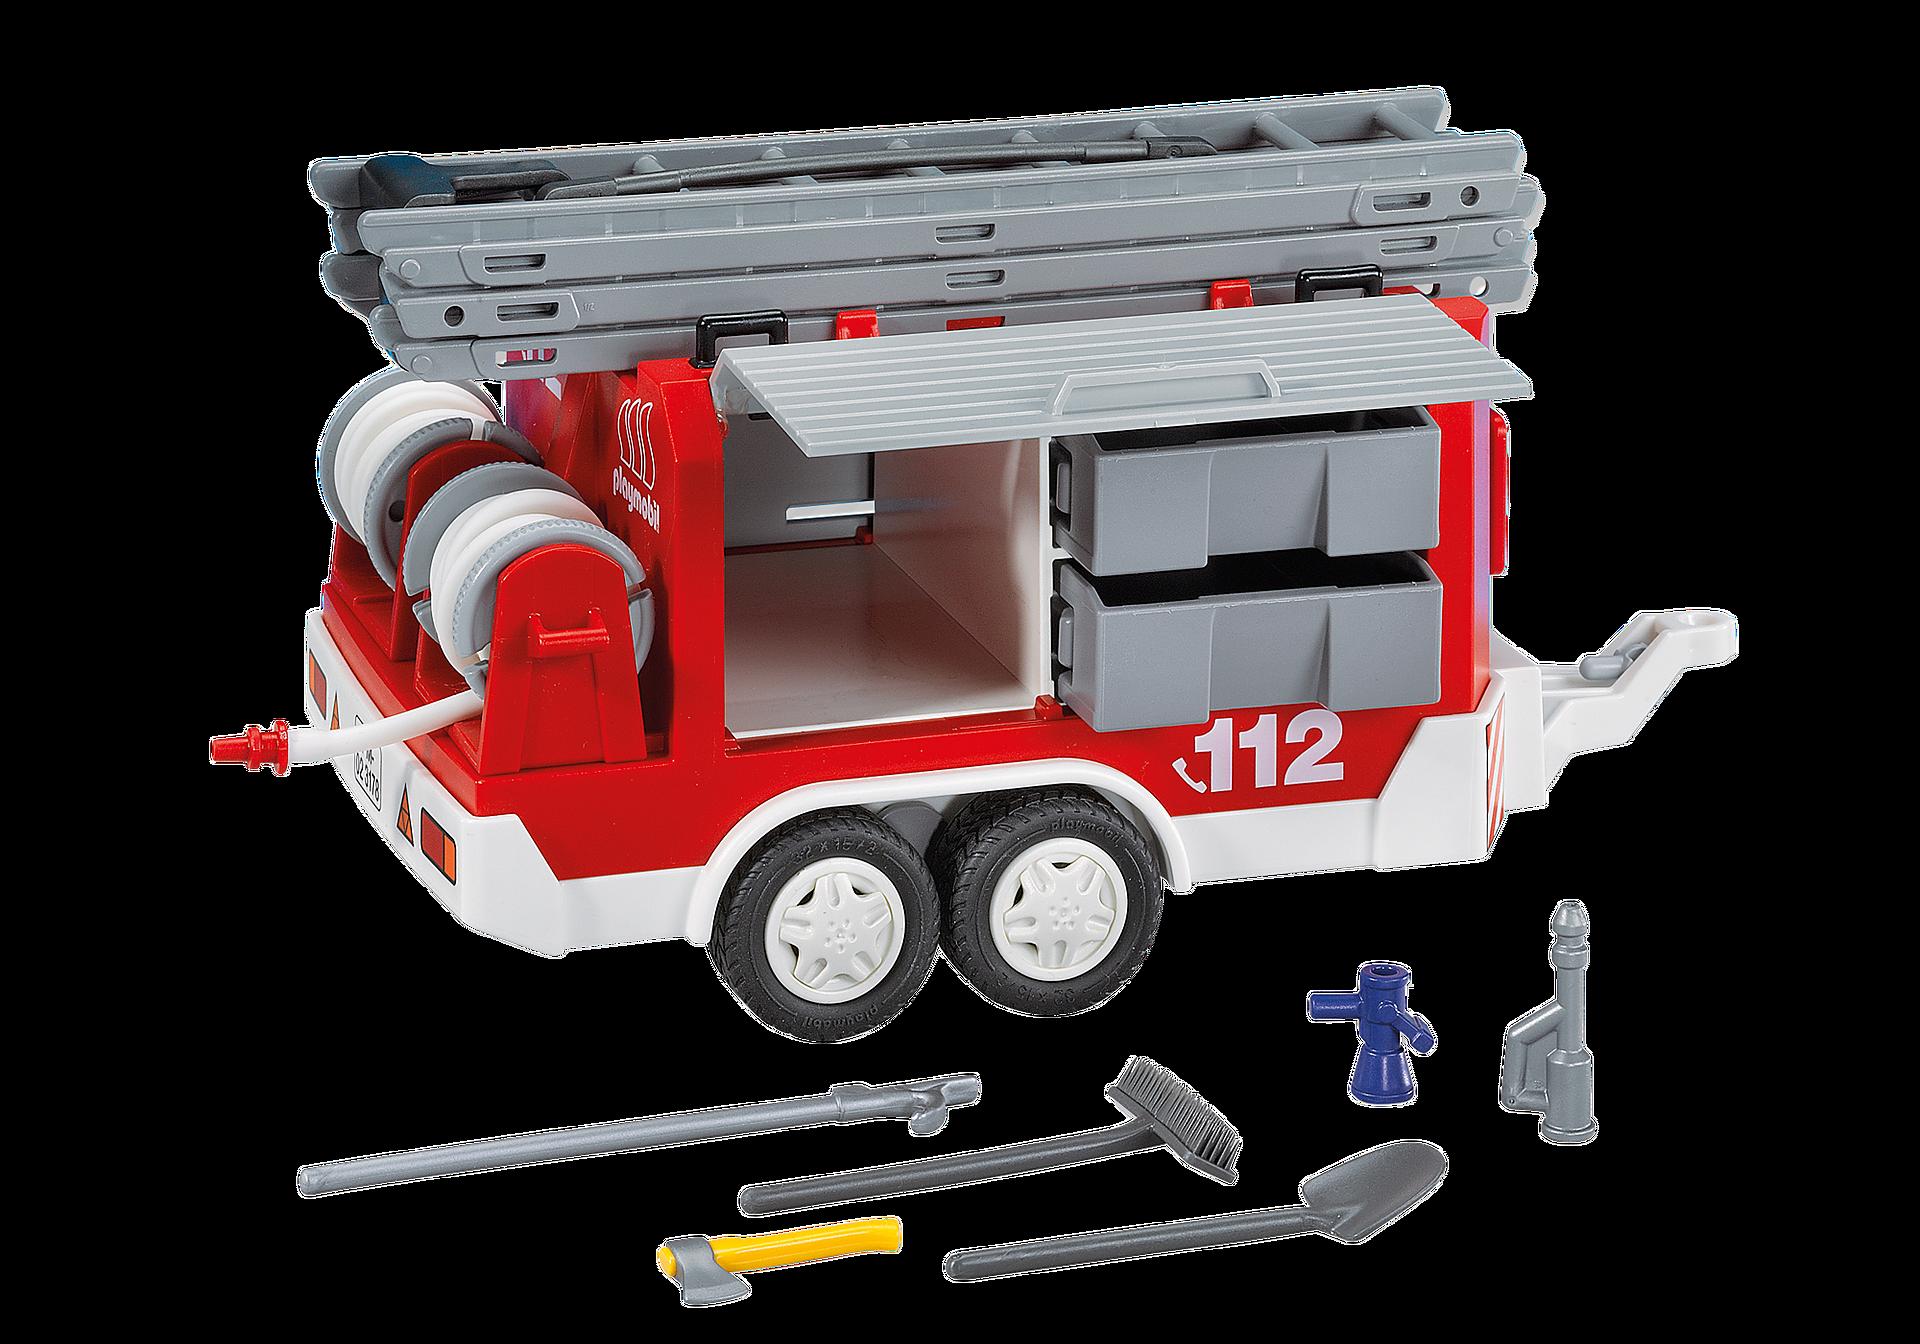 7485 Πυροσβεστικό ρυμουλκούμενο όχημα zoom image1